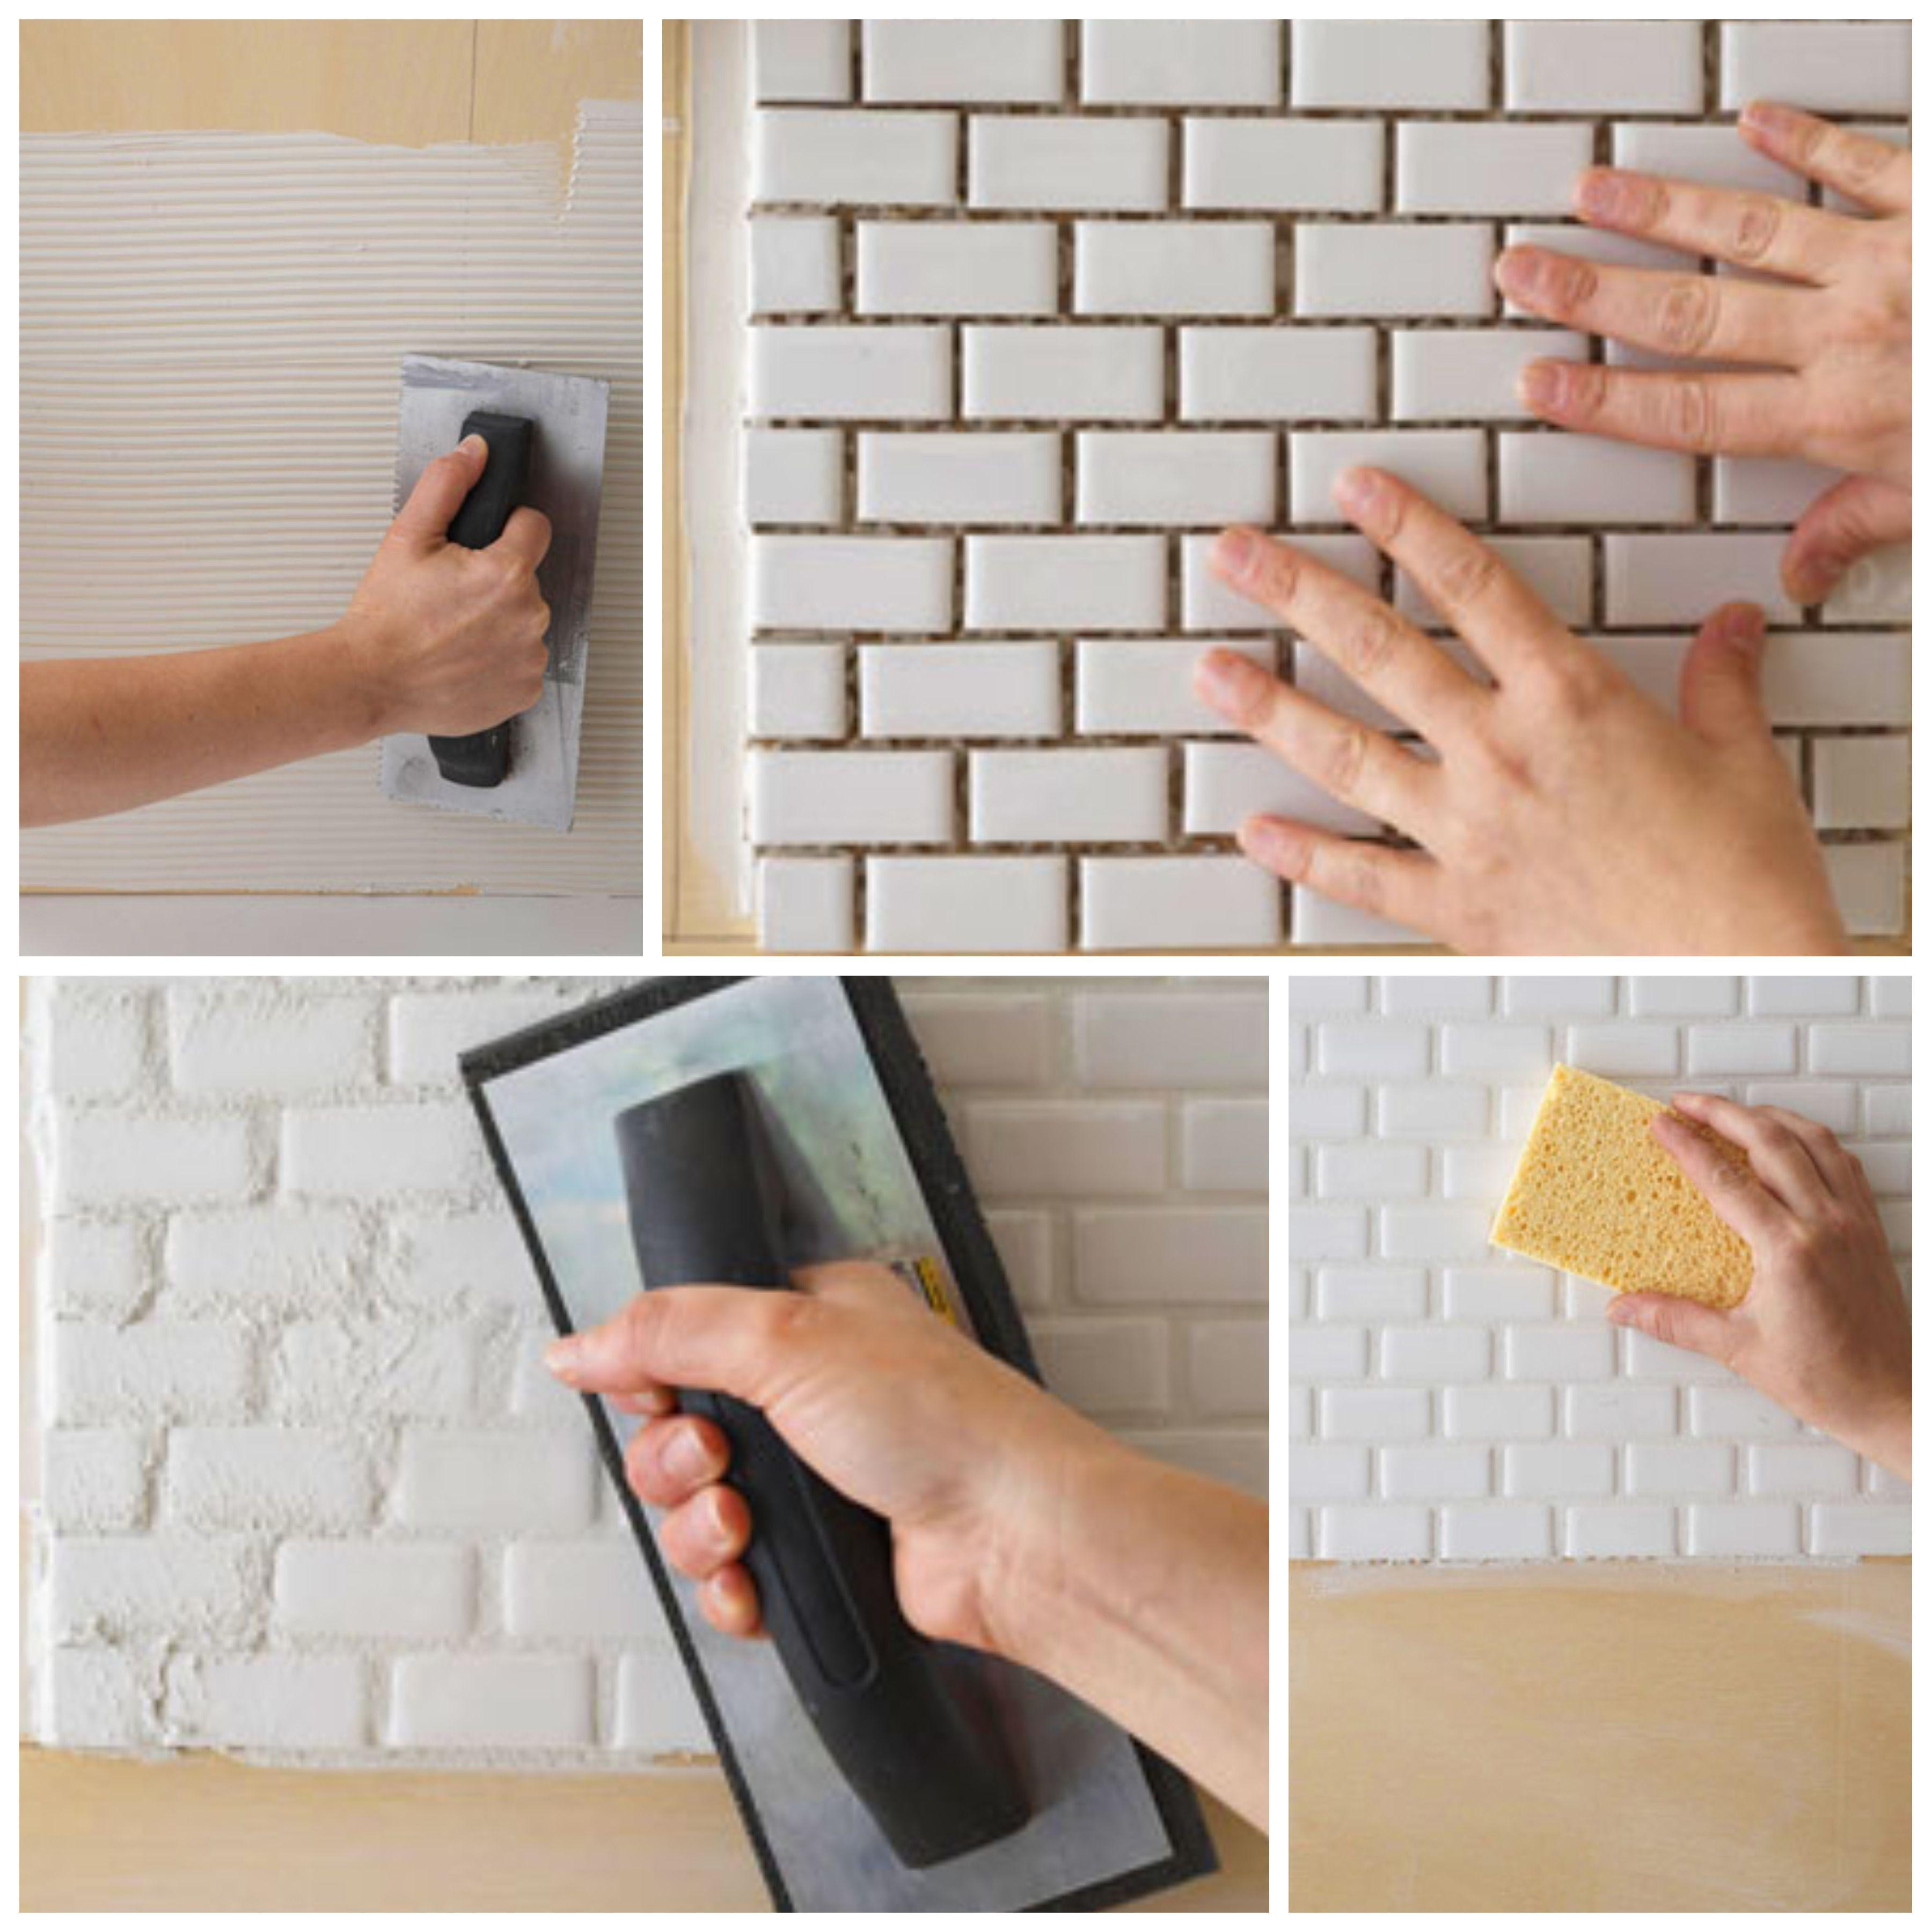 Adhesivos Para Azulejos Los Adhesivos Blancos De L Tex Acr Lico  ~ Mosaicos De Azulejos En Paredes